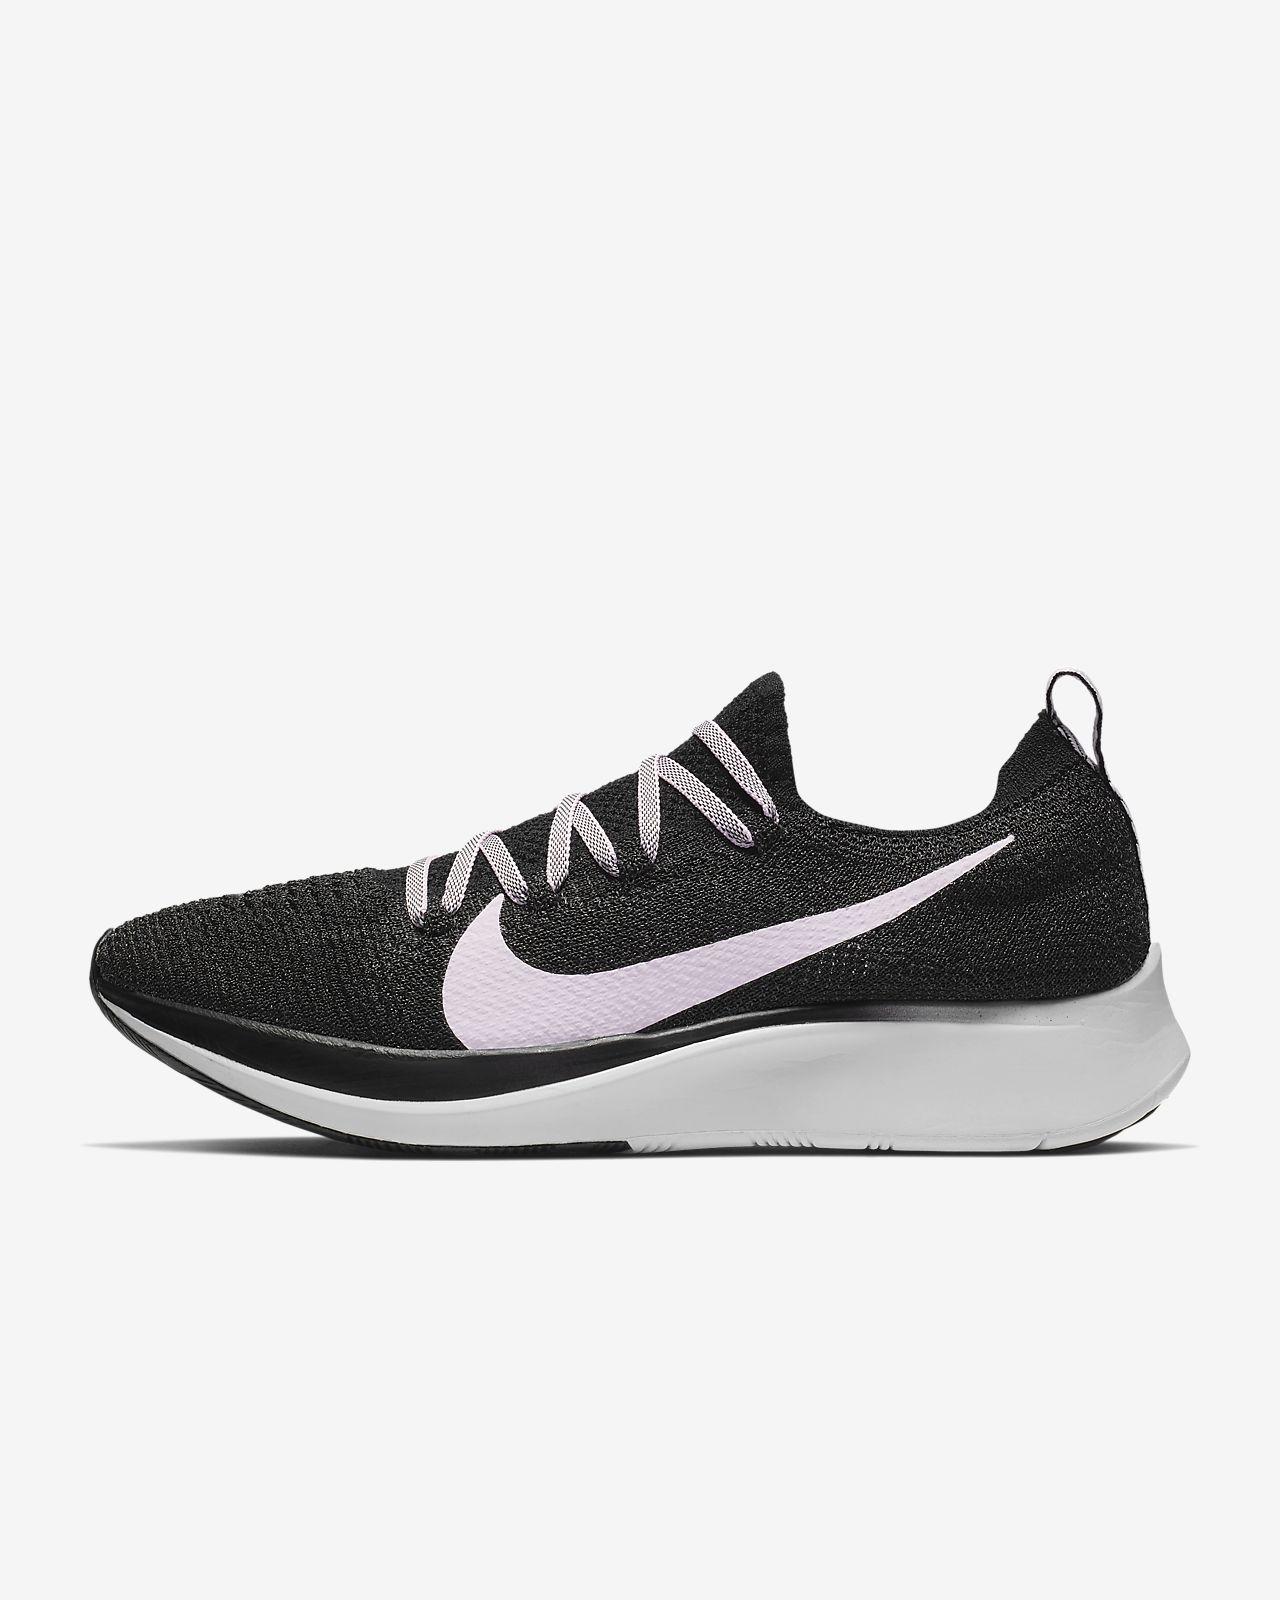 2880c83fe84aa Nike Zoom Fly Flyknit Zapatillas de running - Mujer. Nike.com ES